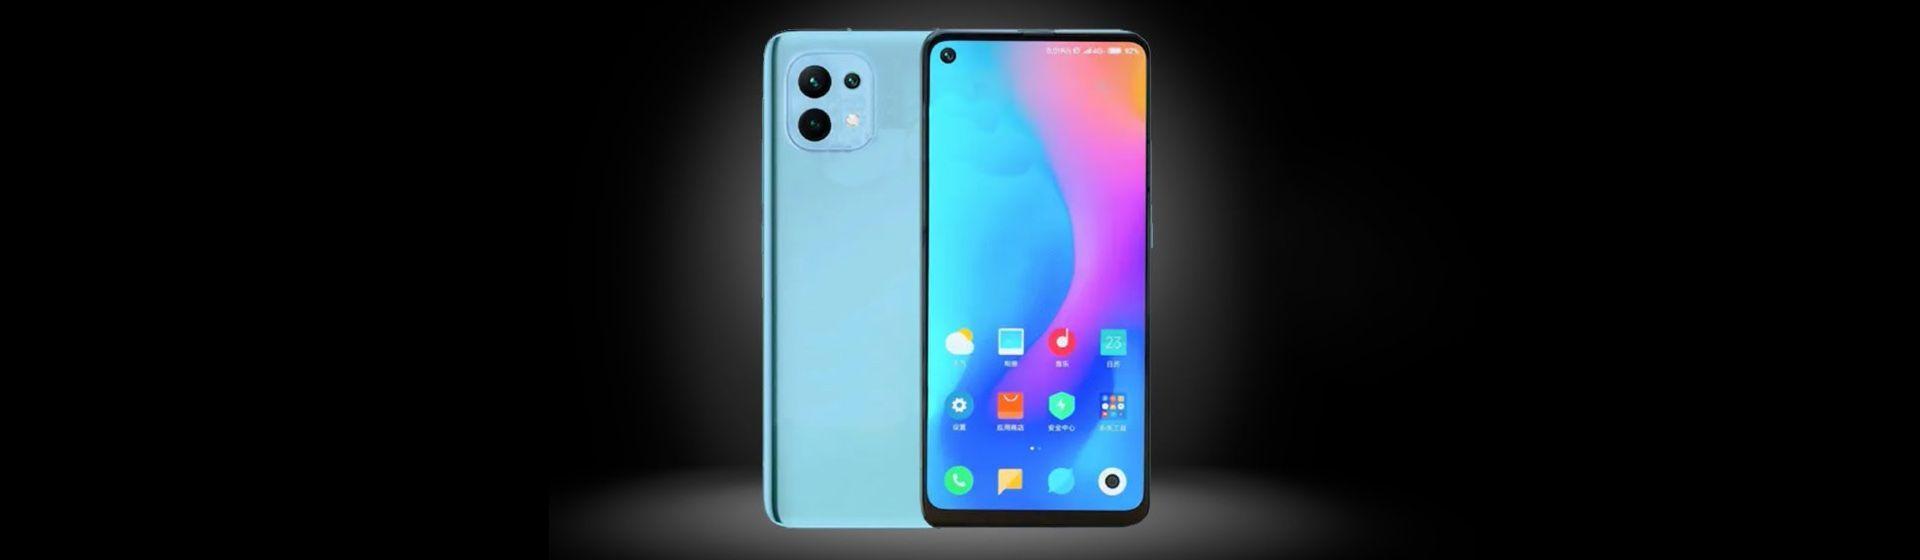 Certificação do FCC revela detalhes do Xiaomi Mi 11 Lite